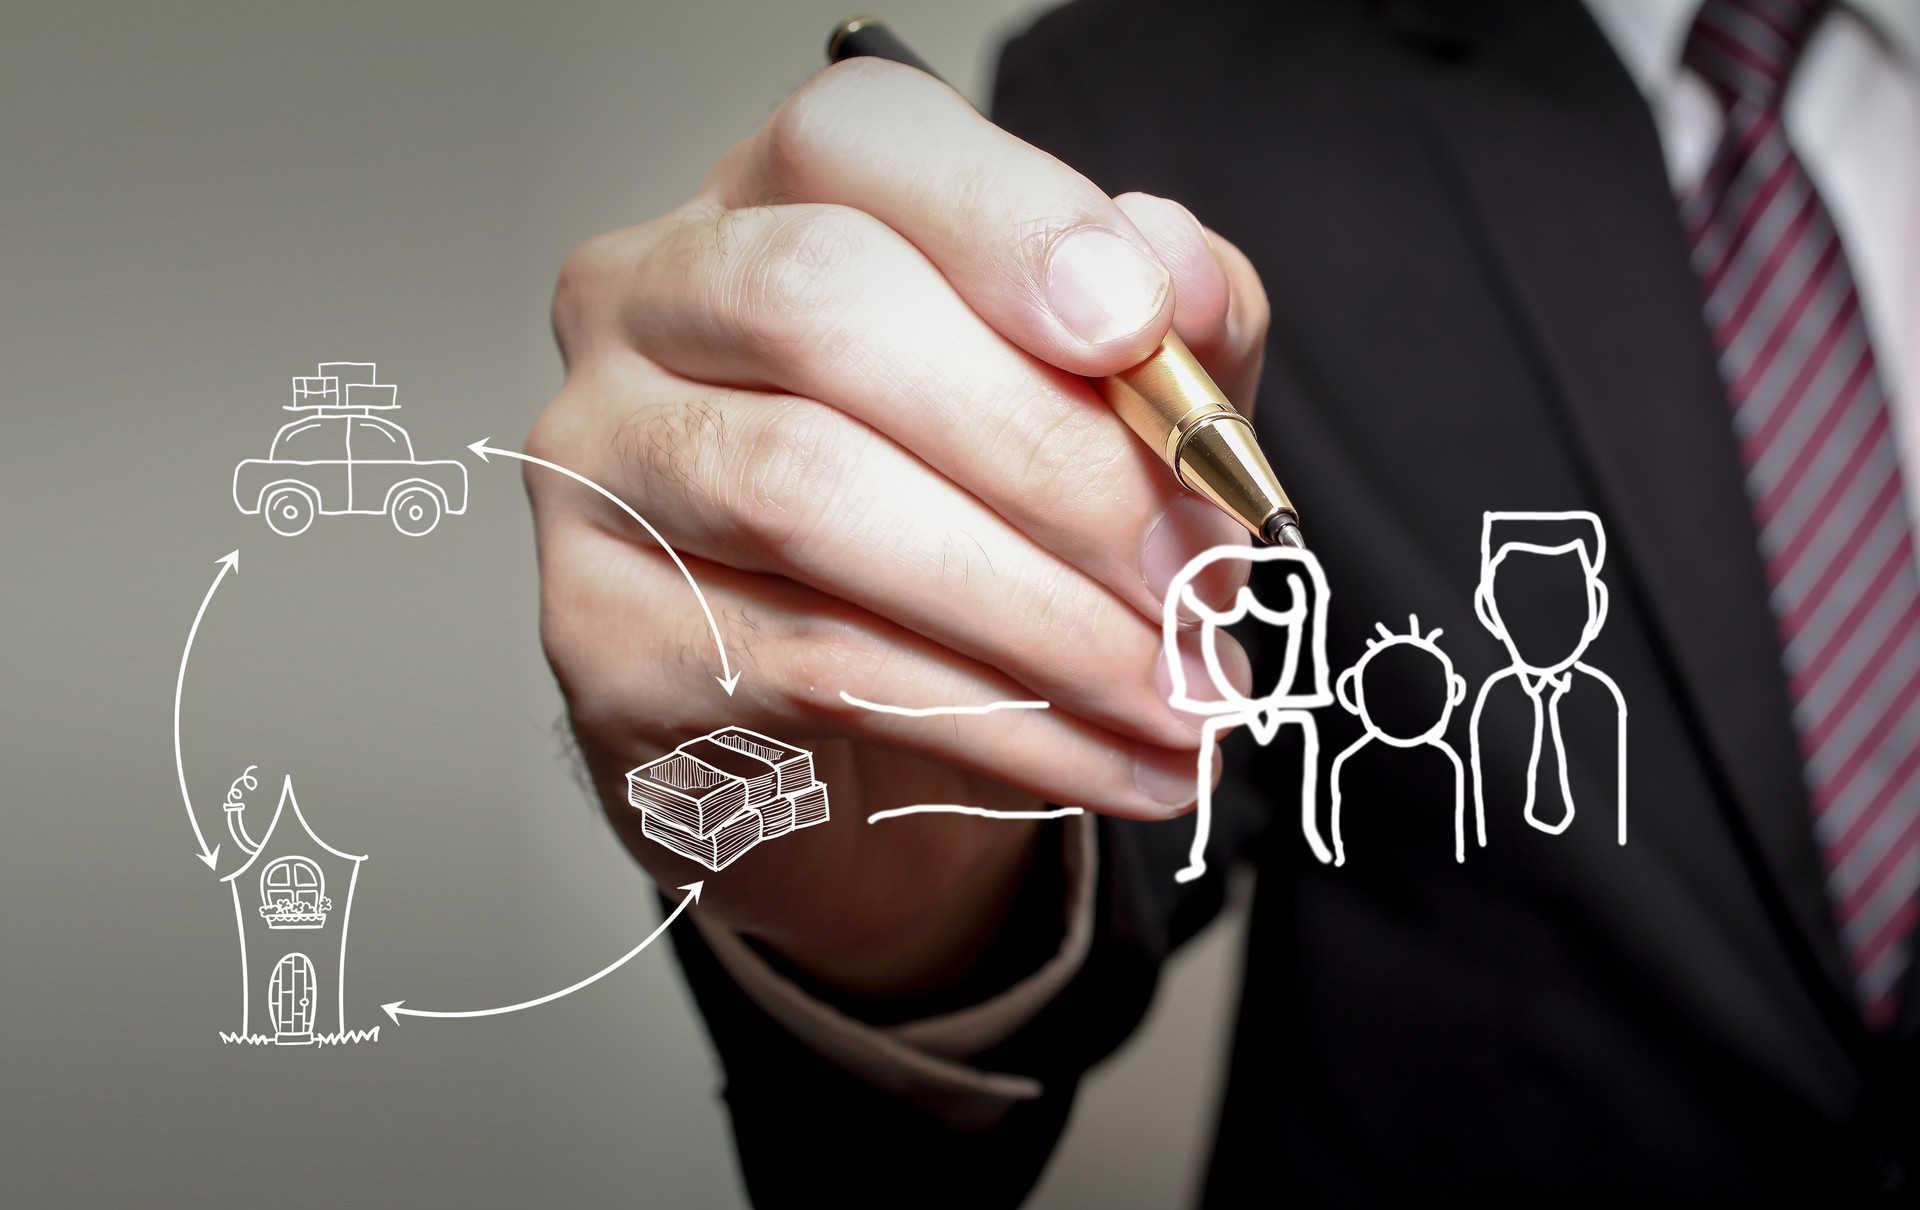 企业代理社保公司哪家好,代缴社保的公司,代理社保